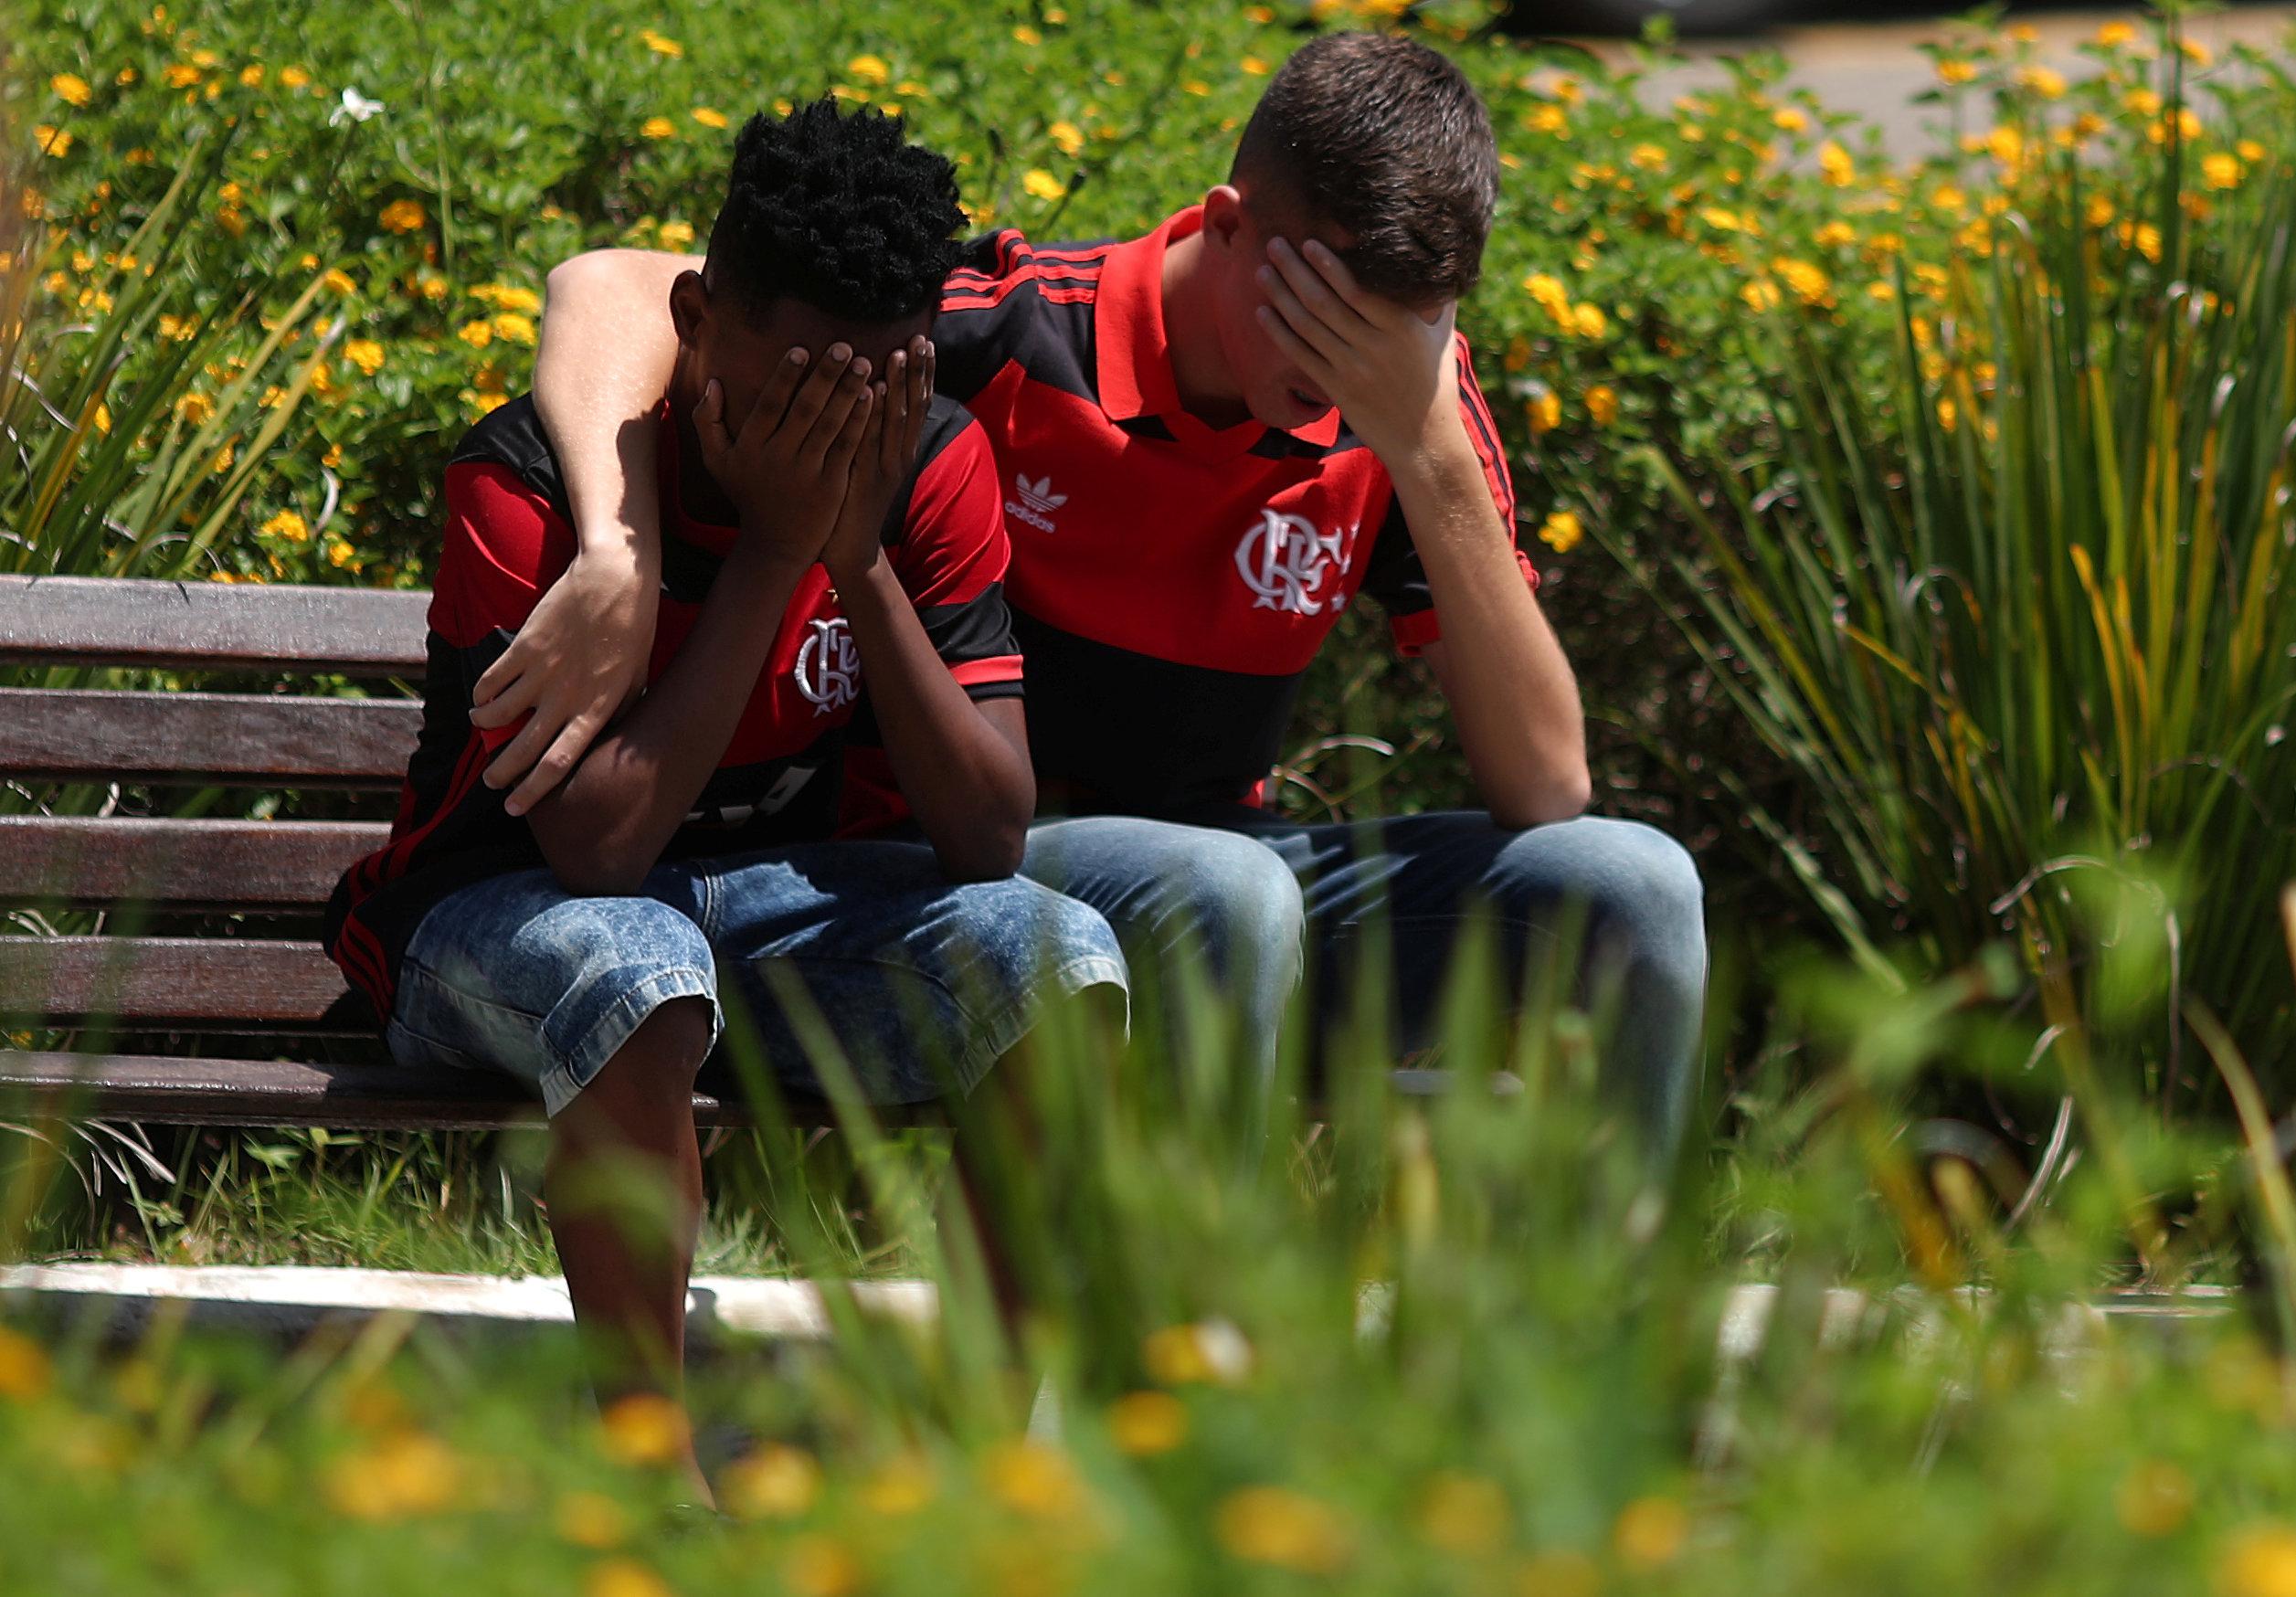 تشييع جثامين قتلى حريق مركز تدريب نادى فلامنجو البرازيلى (11)